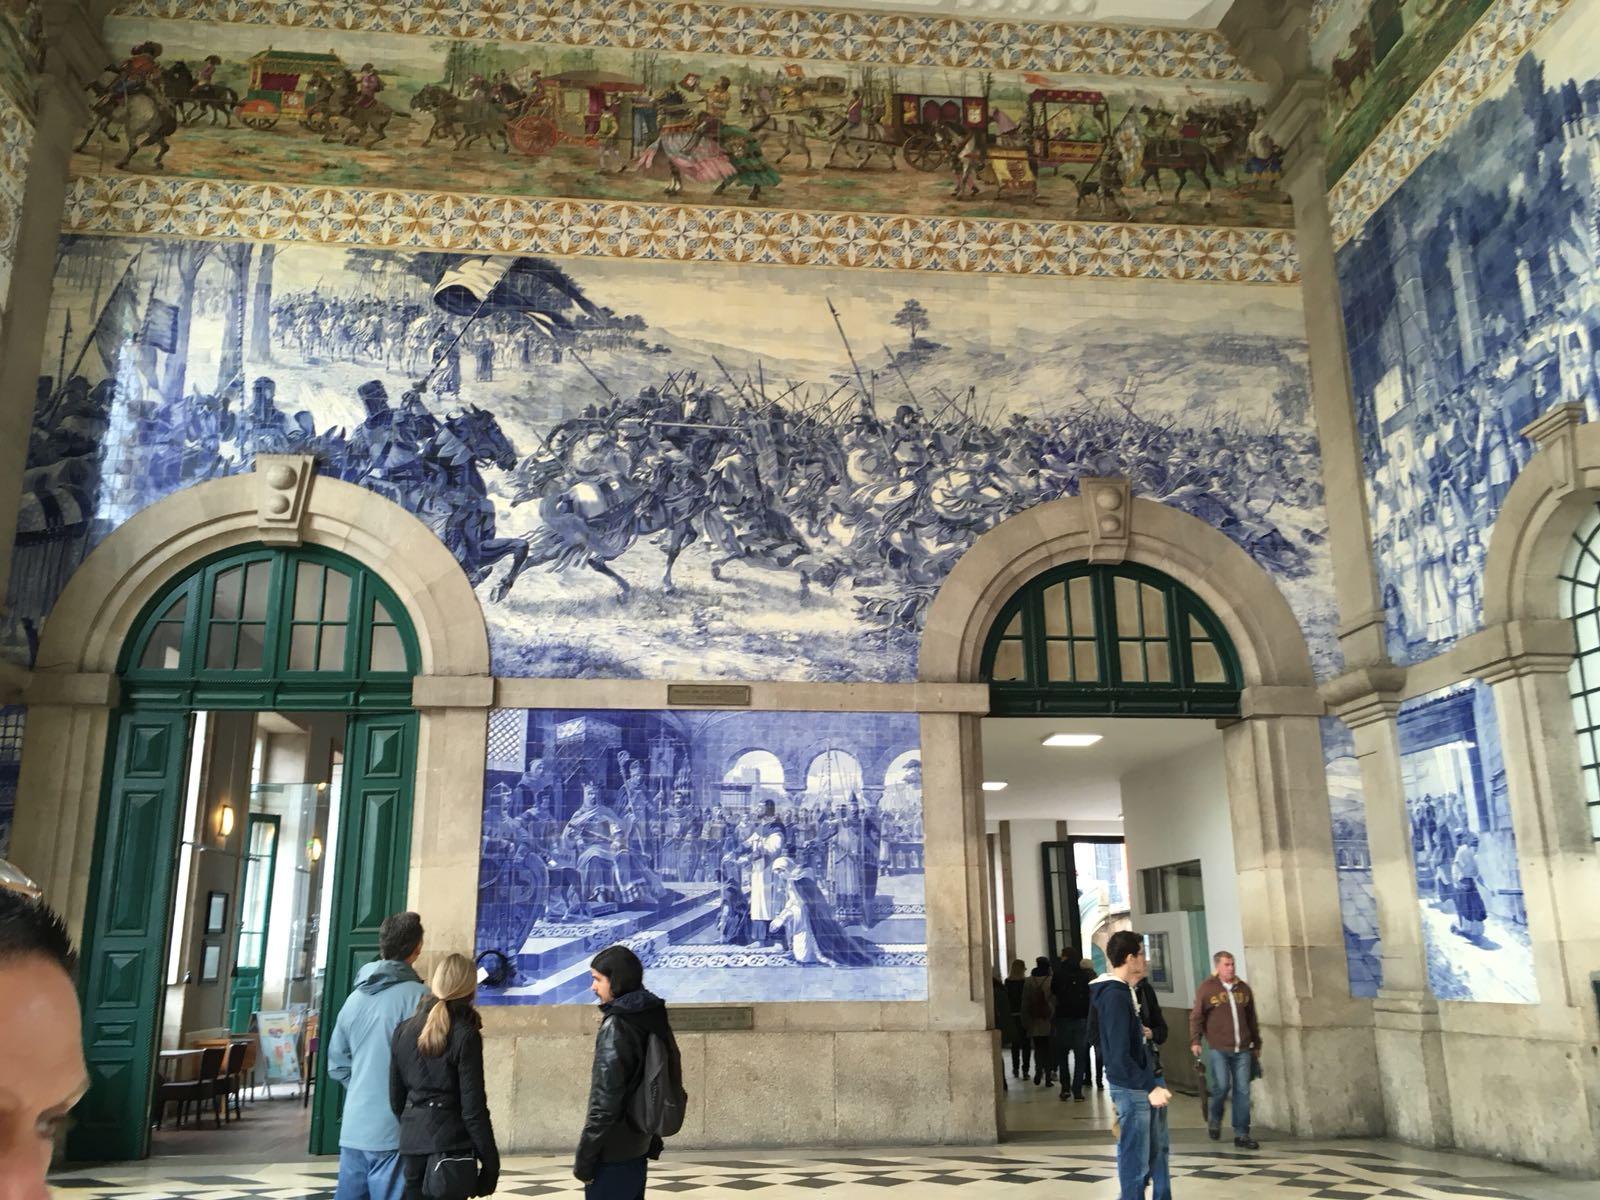 קמינו דה סנטיאגו – באיזה מסלול לבחור?